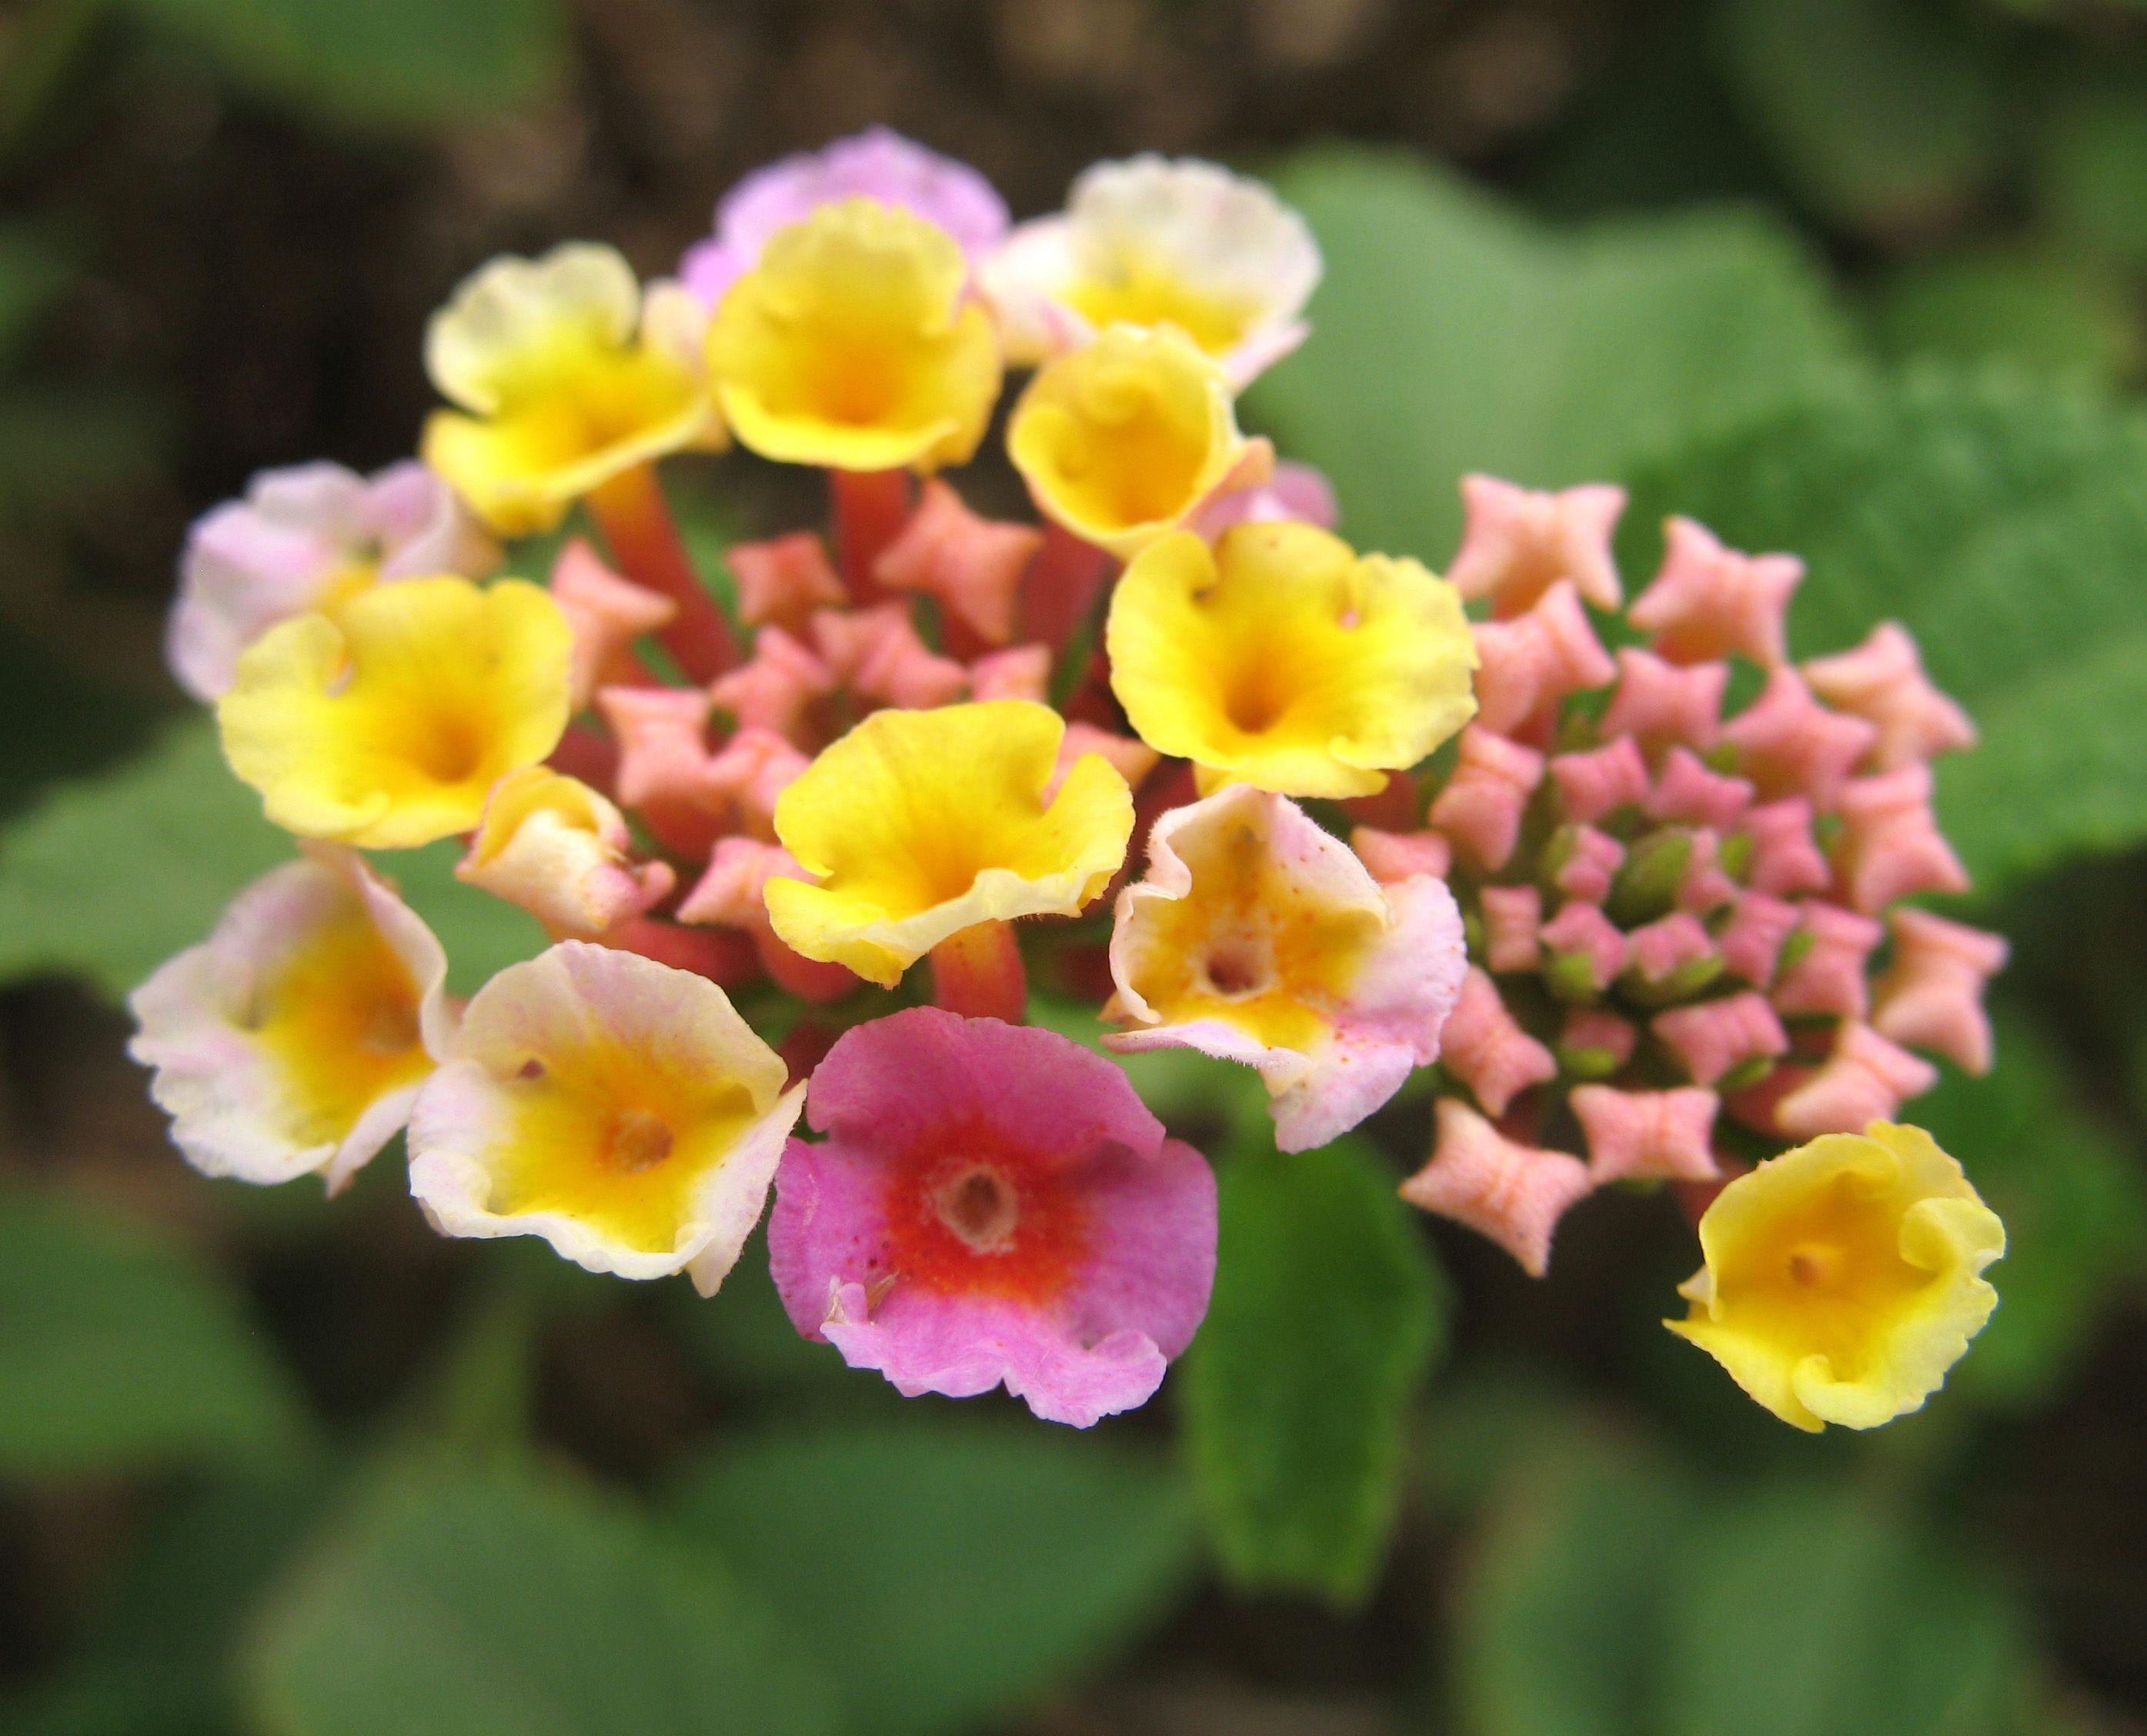 Bolivia Cochabamba Lantana Camara O Bandera Espanola O Flor Bolivia Flowers Spanish